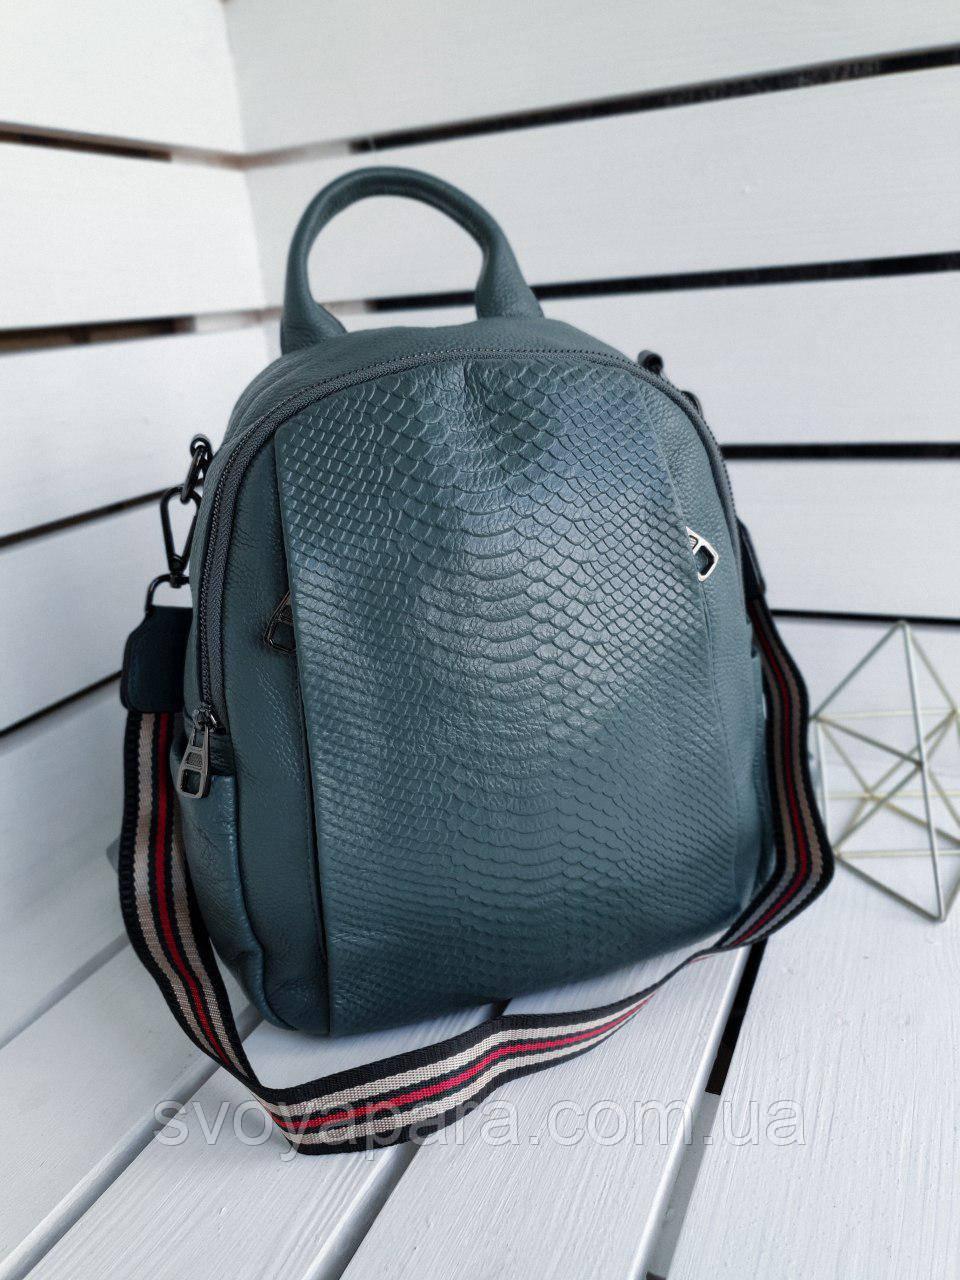 Кожаный женский рюкзак размером 30х24х11 см Сизый (01240/1)